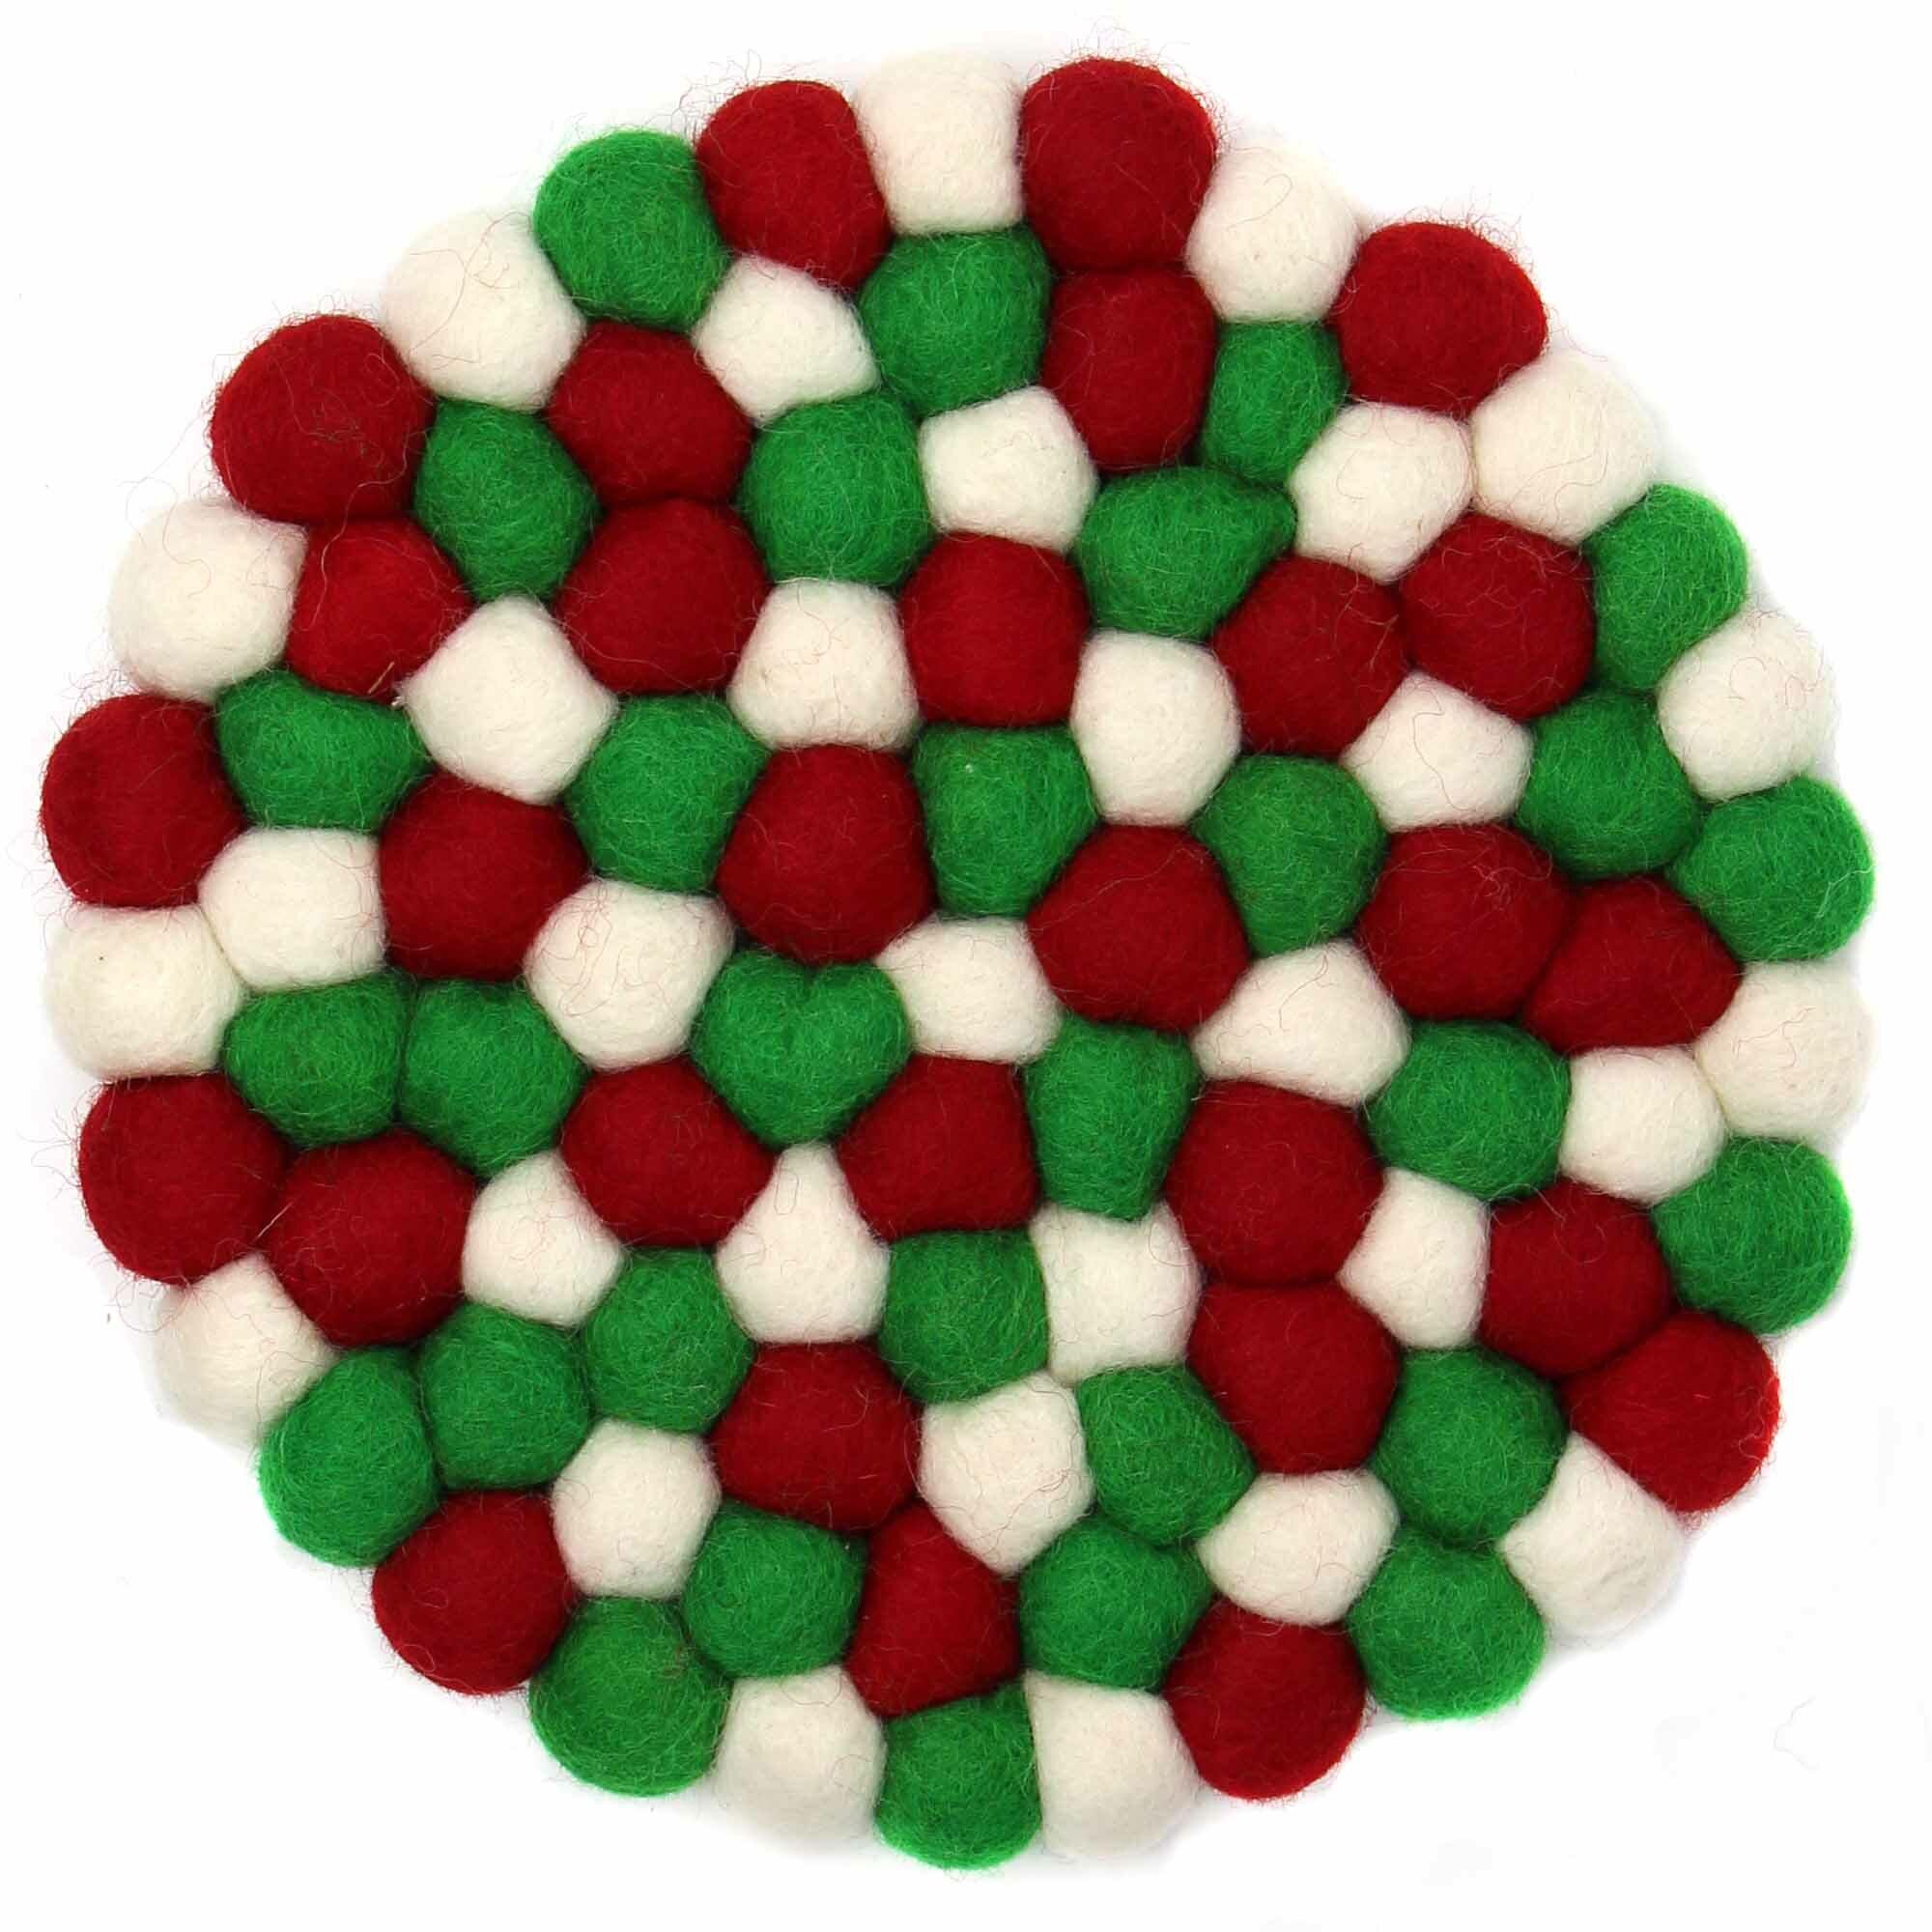 The Holiday Aisle Hand Crafted Felt Ball Trivet Wayfair